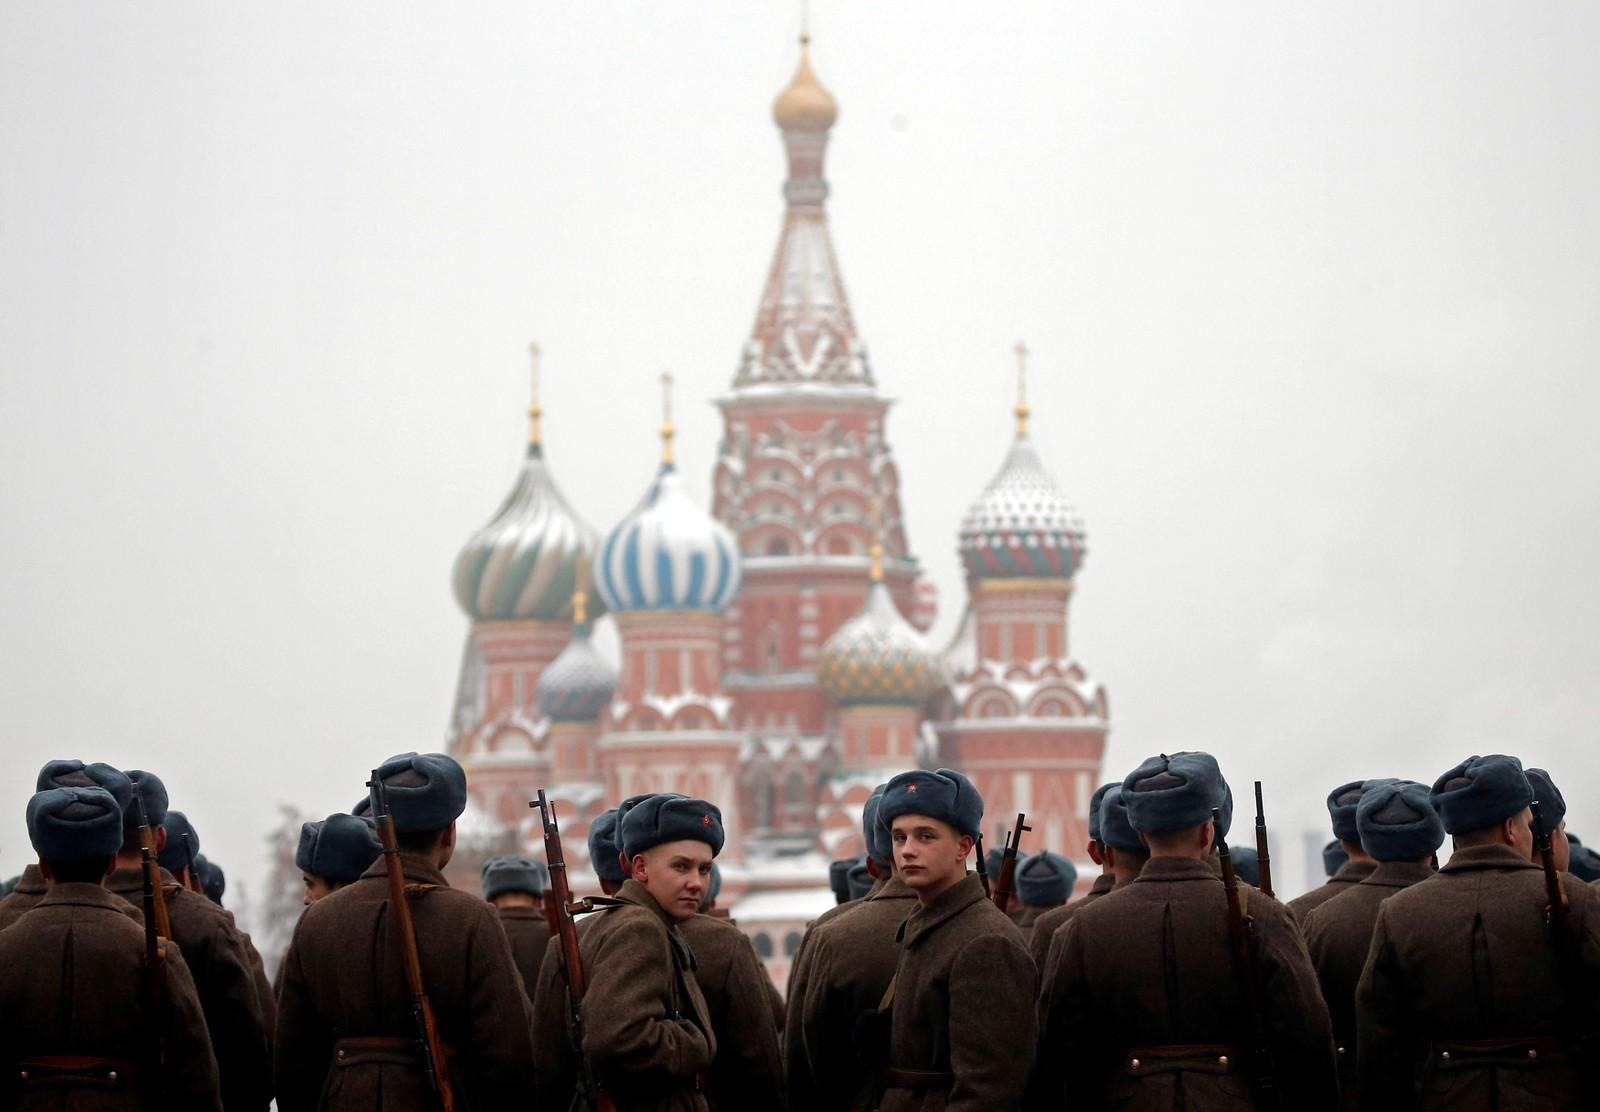 Paraden i dag markerte 75 årsjubileet for det som blir omtalt som ei av dei viktigaste samlande hendingane i russisk historie.